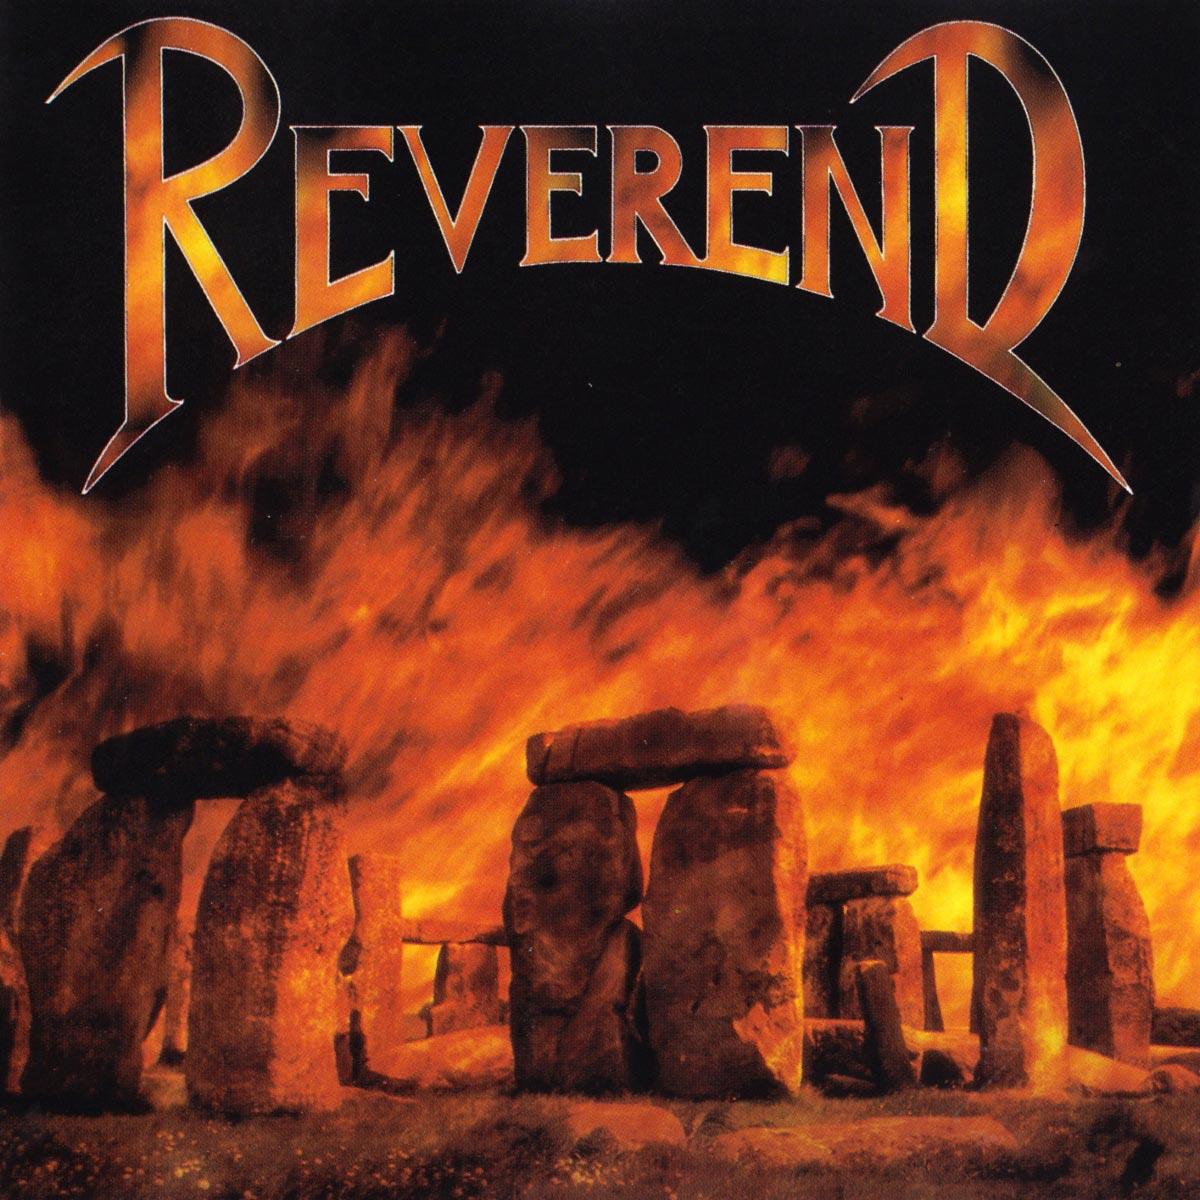 Reverend - Reverend